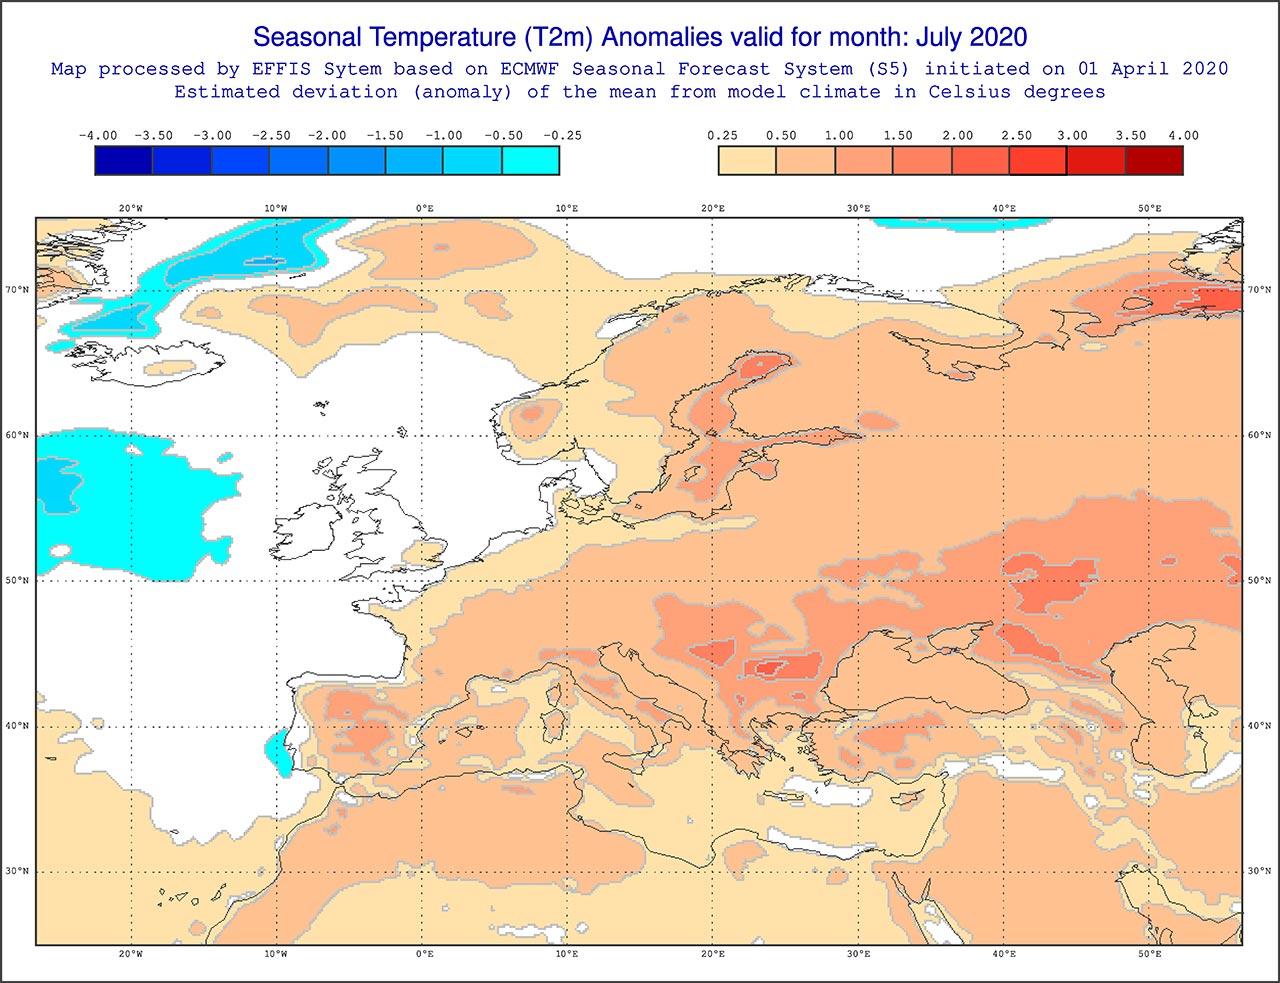 Anomalie di temperatura previste dal modello ECMWF per luglio 2020 - effis.jrc.ec.europa.eu.jpg